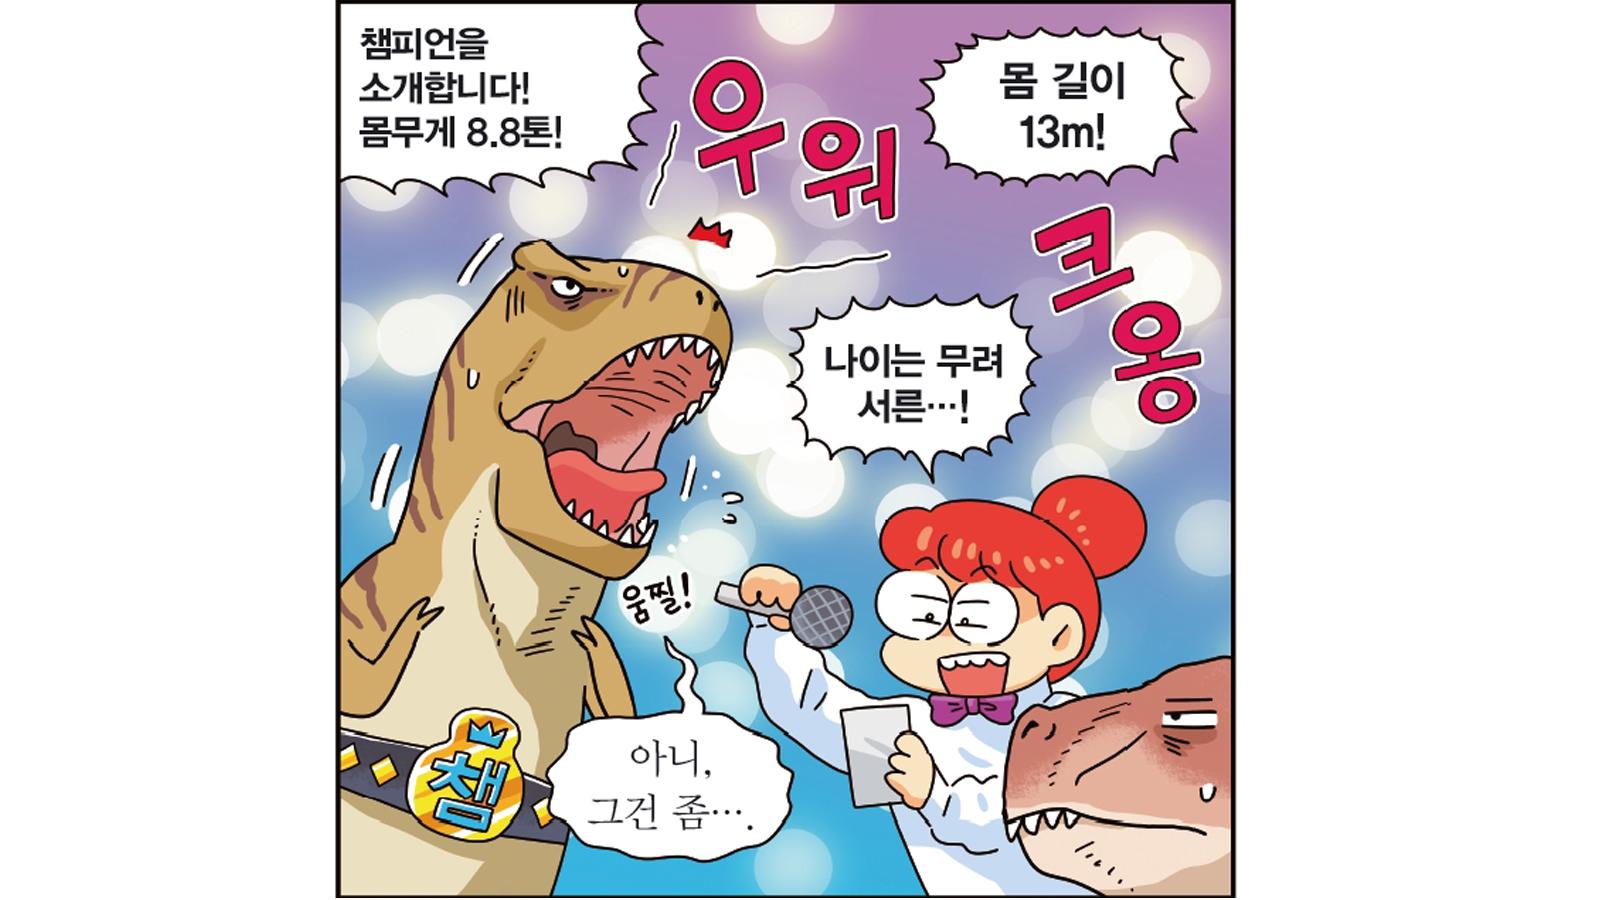 [가상인터뷰]최대 티라노사우루스 '스코티' 복원